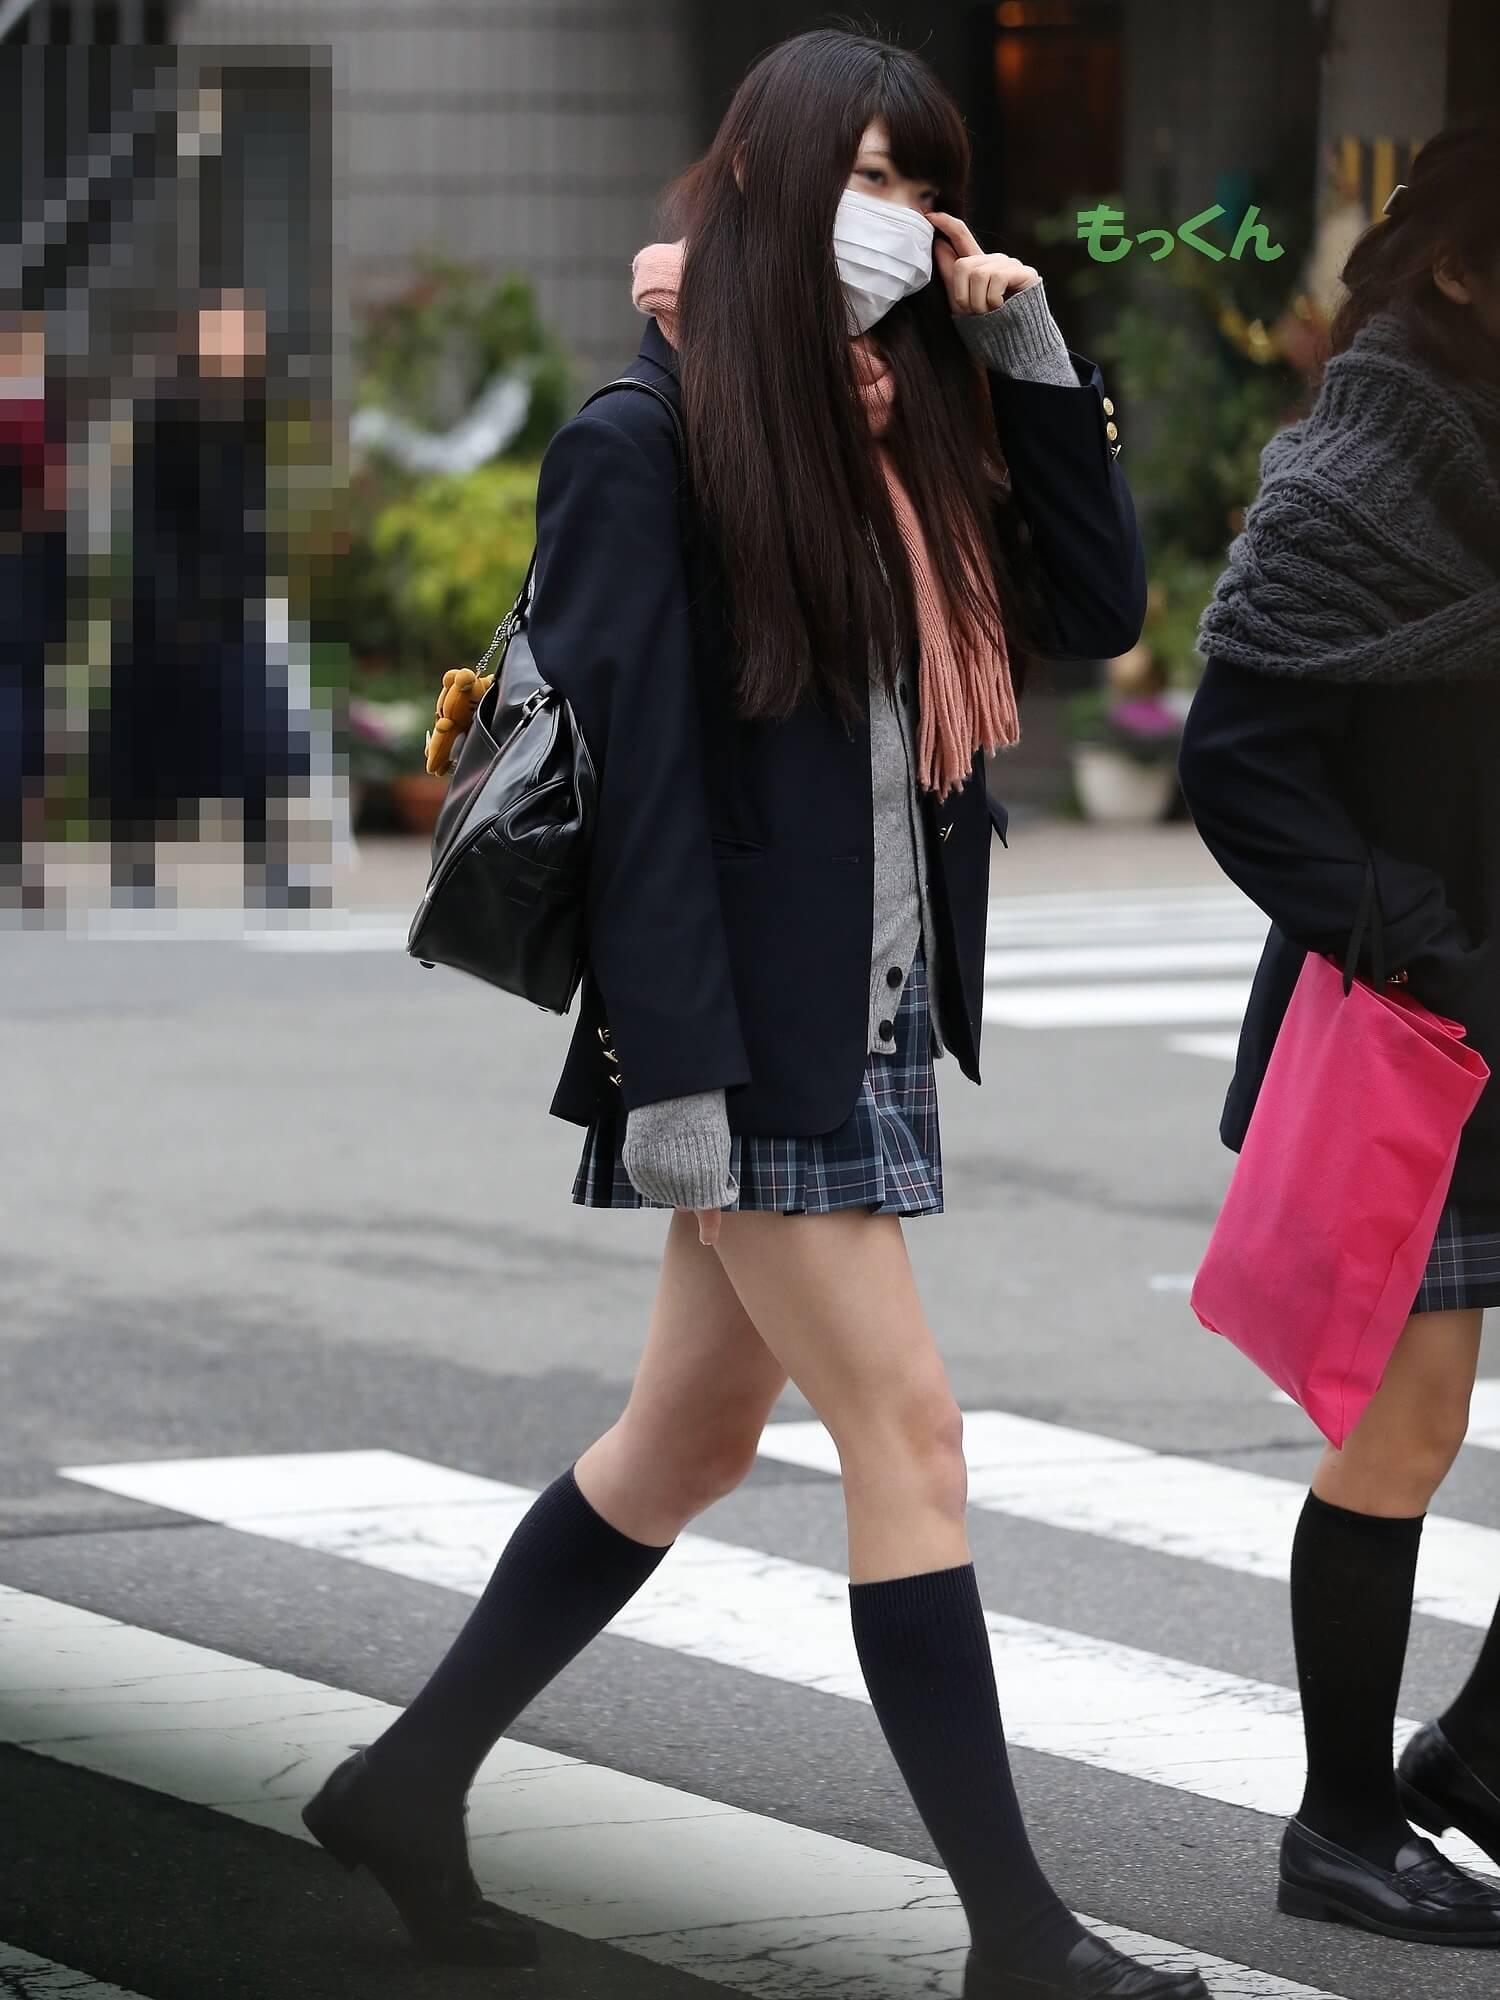 【画像】寒いのに脚はガンガン露出するJKちゃん